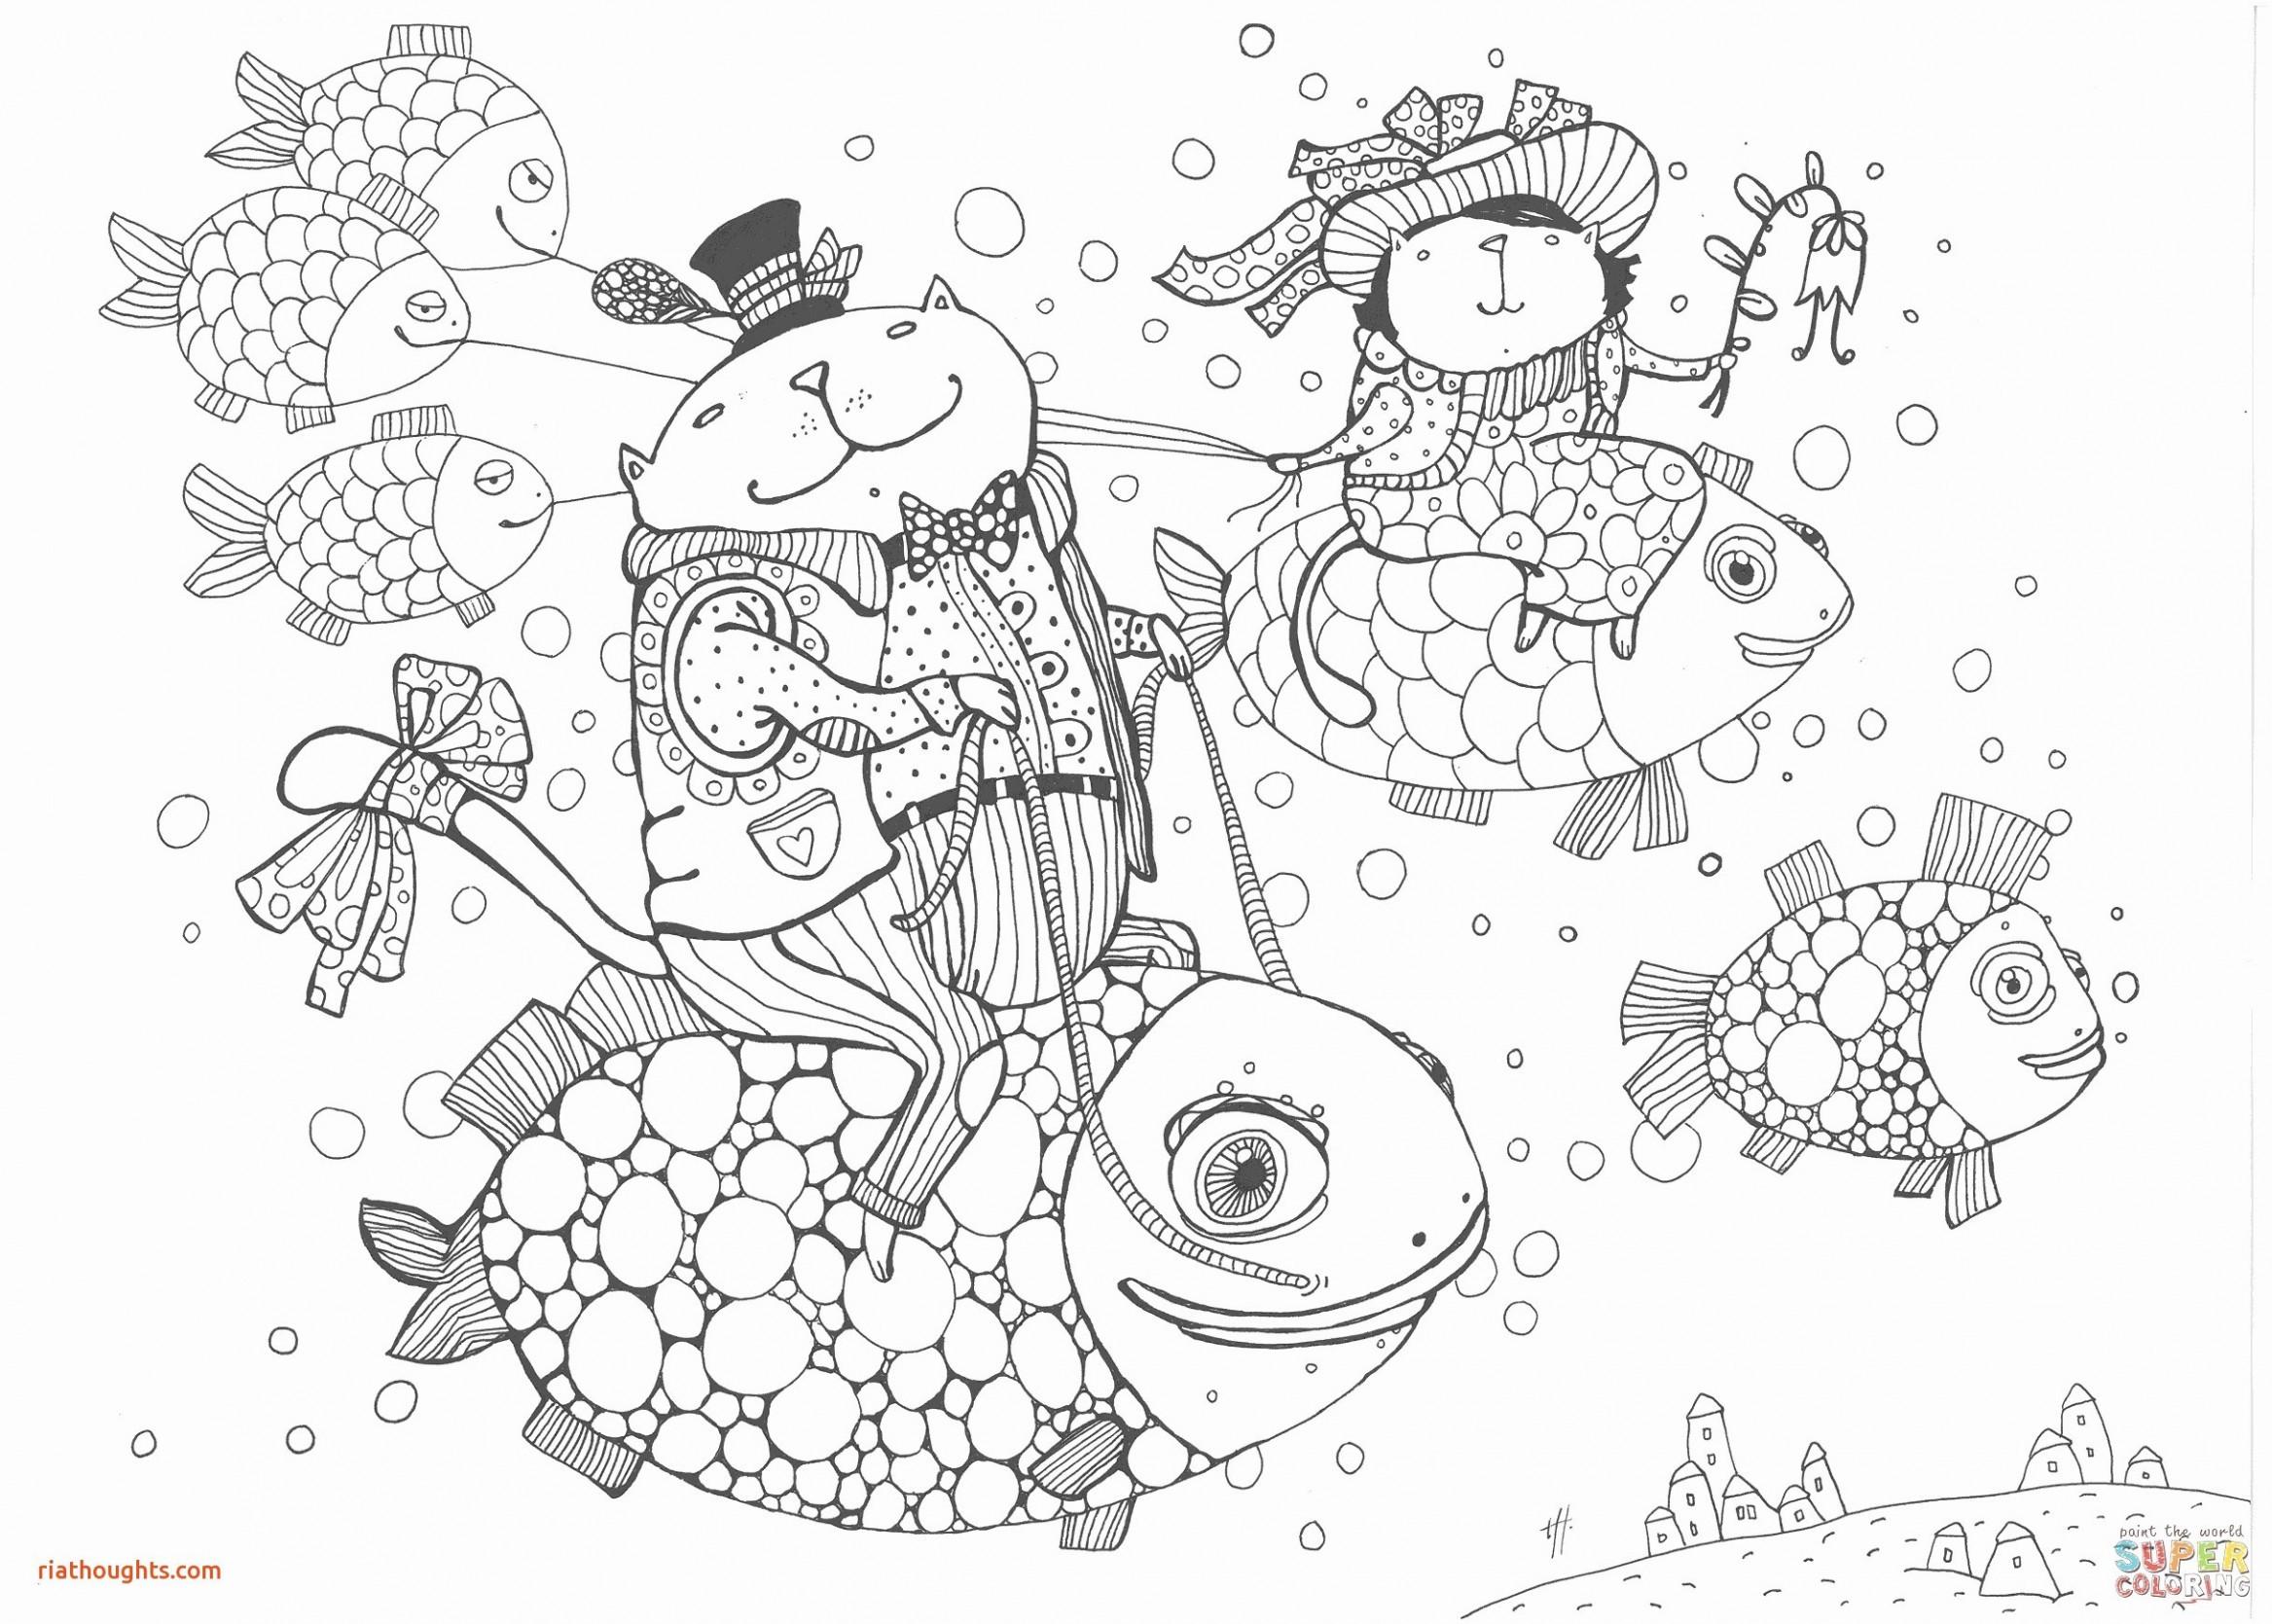 Ausmalbilder Elsa Und Anna Das Beste Von Coloring Pages Horses Coloring Pages Horses to Print Neu Nintendo Sammlung